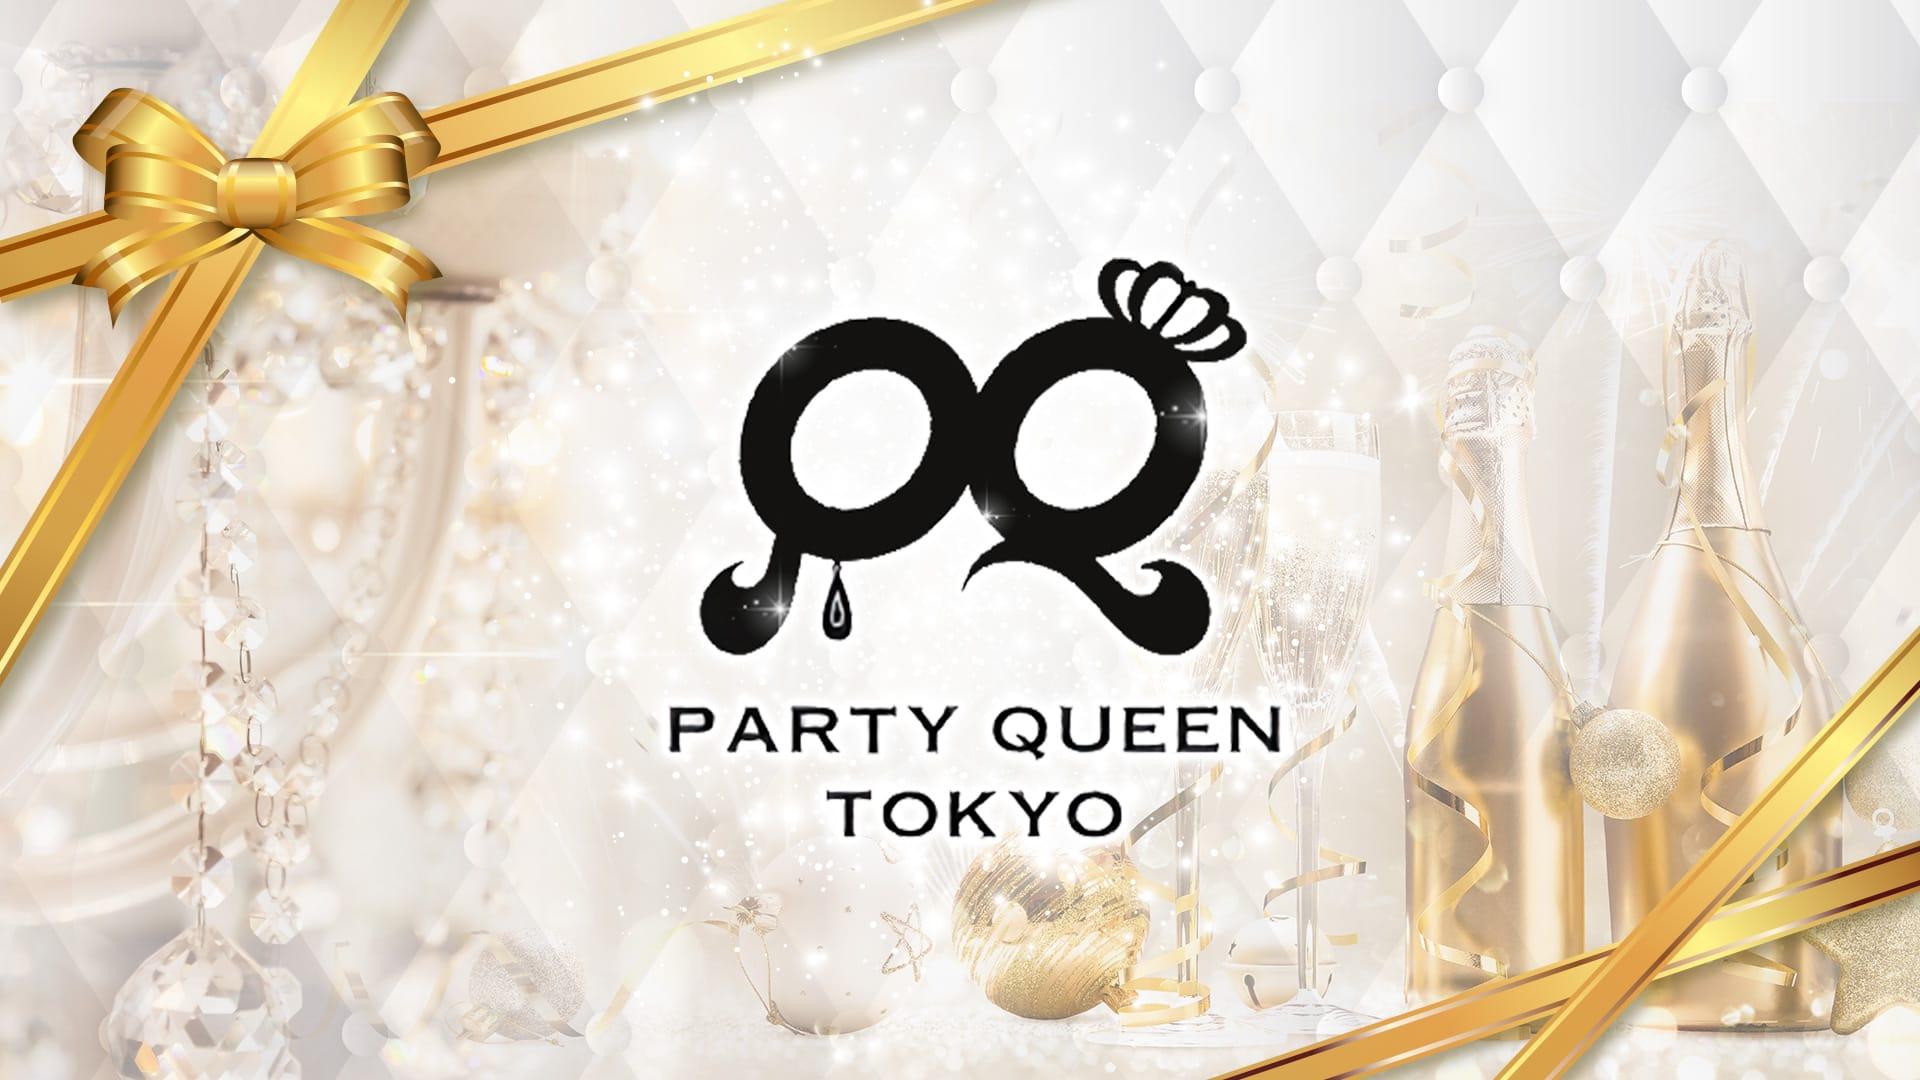 PARTY QUEEN TOKYO(パーティークイーン) 歌舞伎町ガールズバー TOP画像